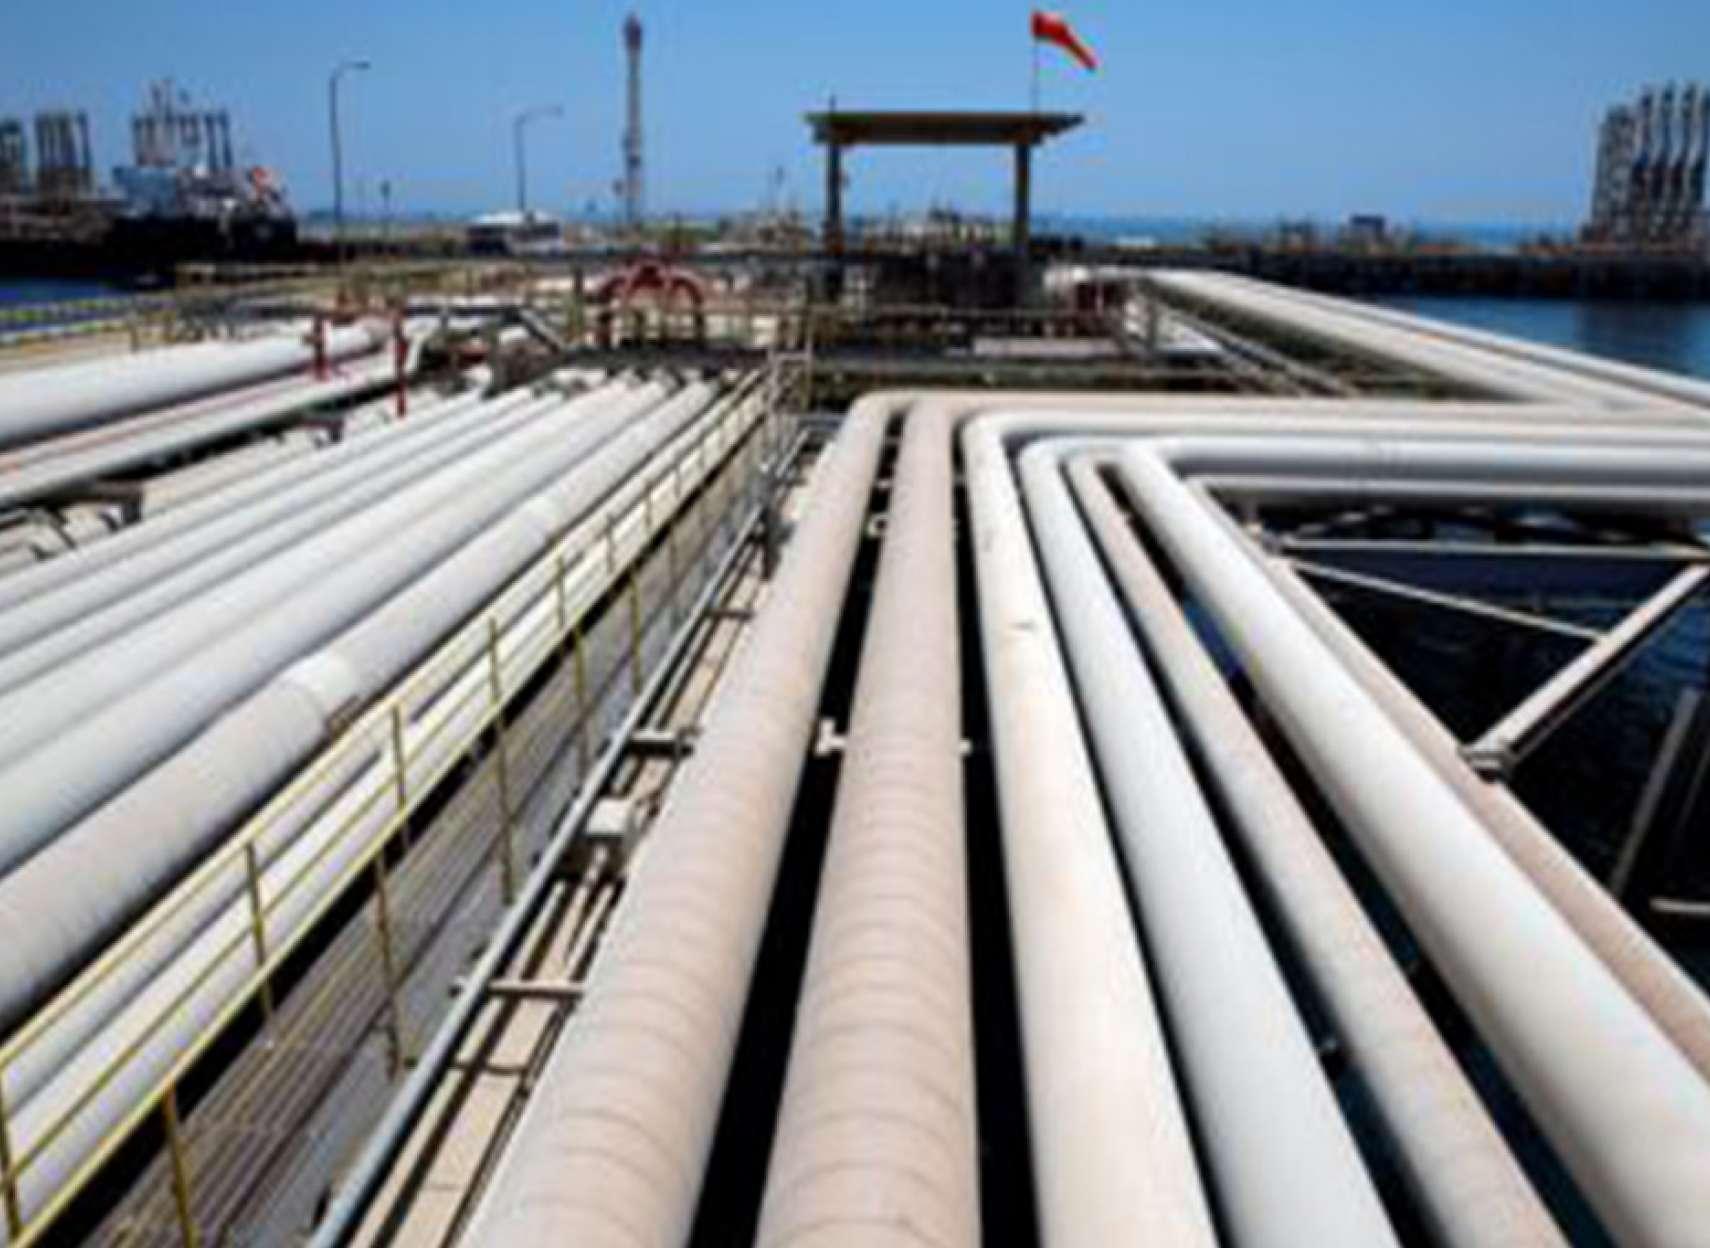 عراق-عربستان-بازارهای-نفت-ایران-تنباکویی-اقتصاد